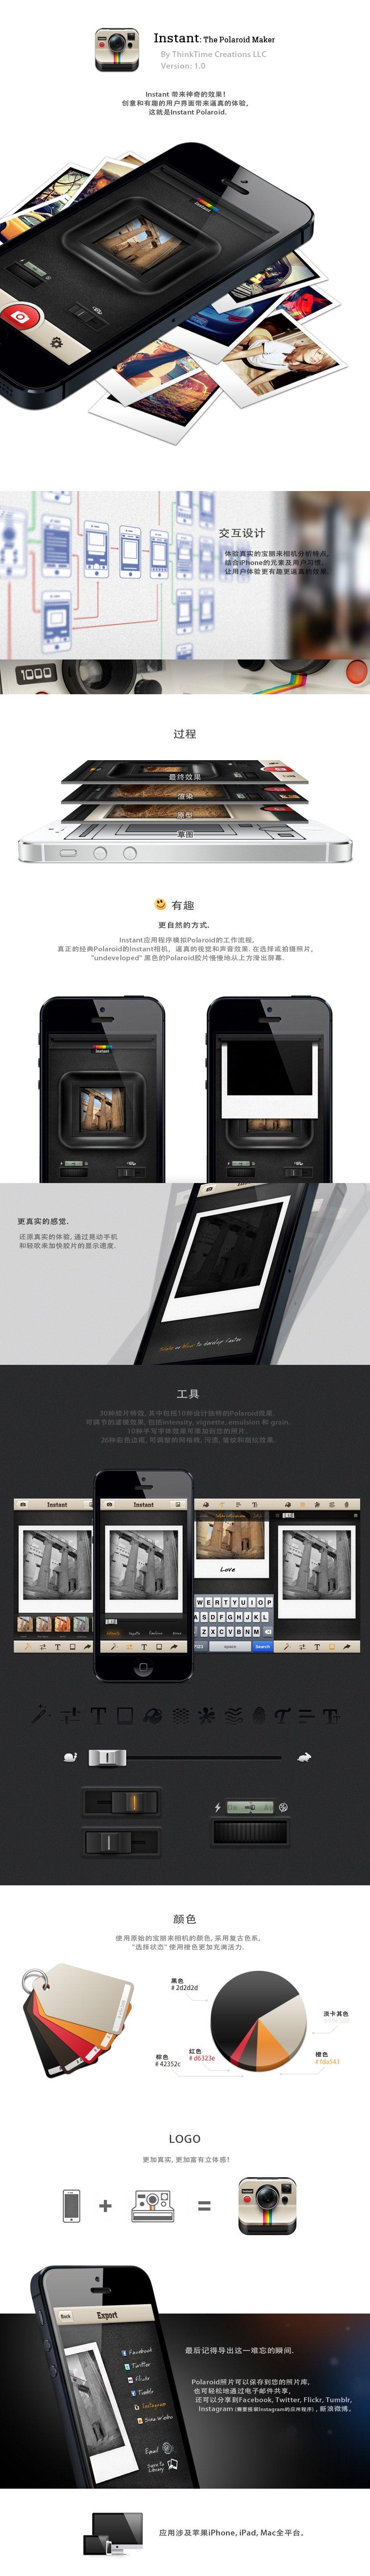 查看《Instant宝丽来(Polaroid)相机应用》原图,原图尺寸:830x5781